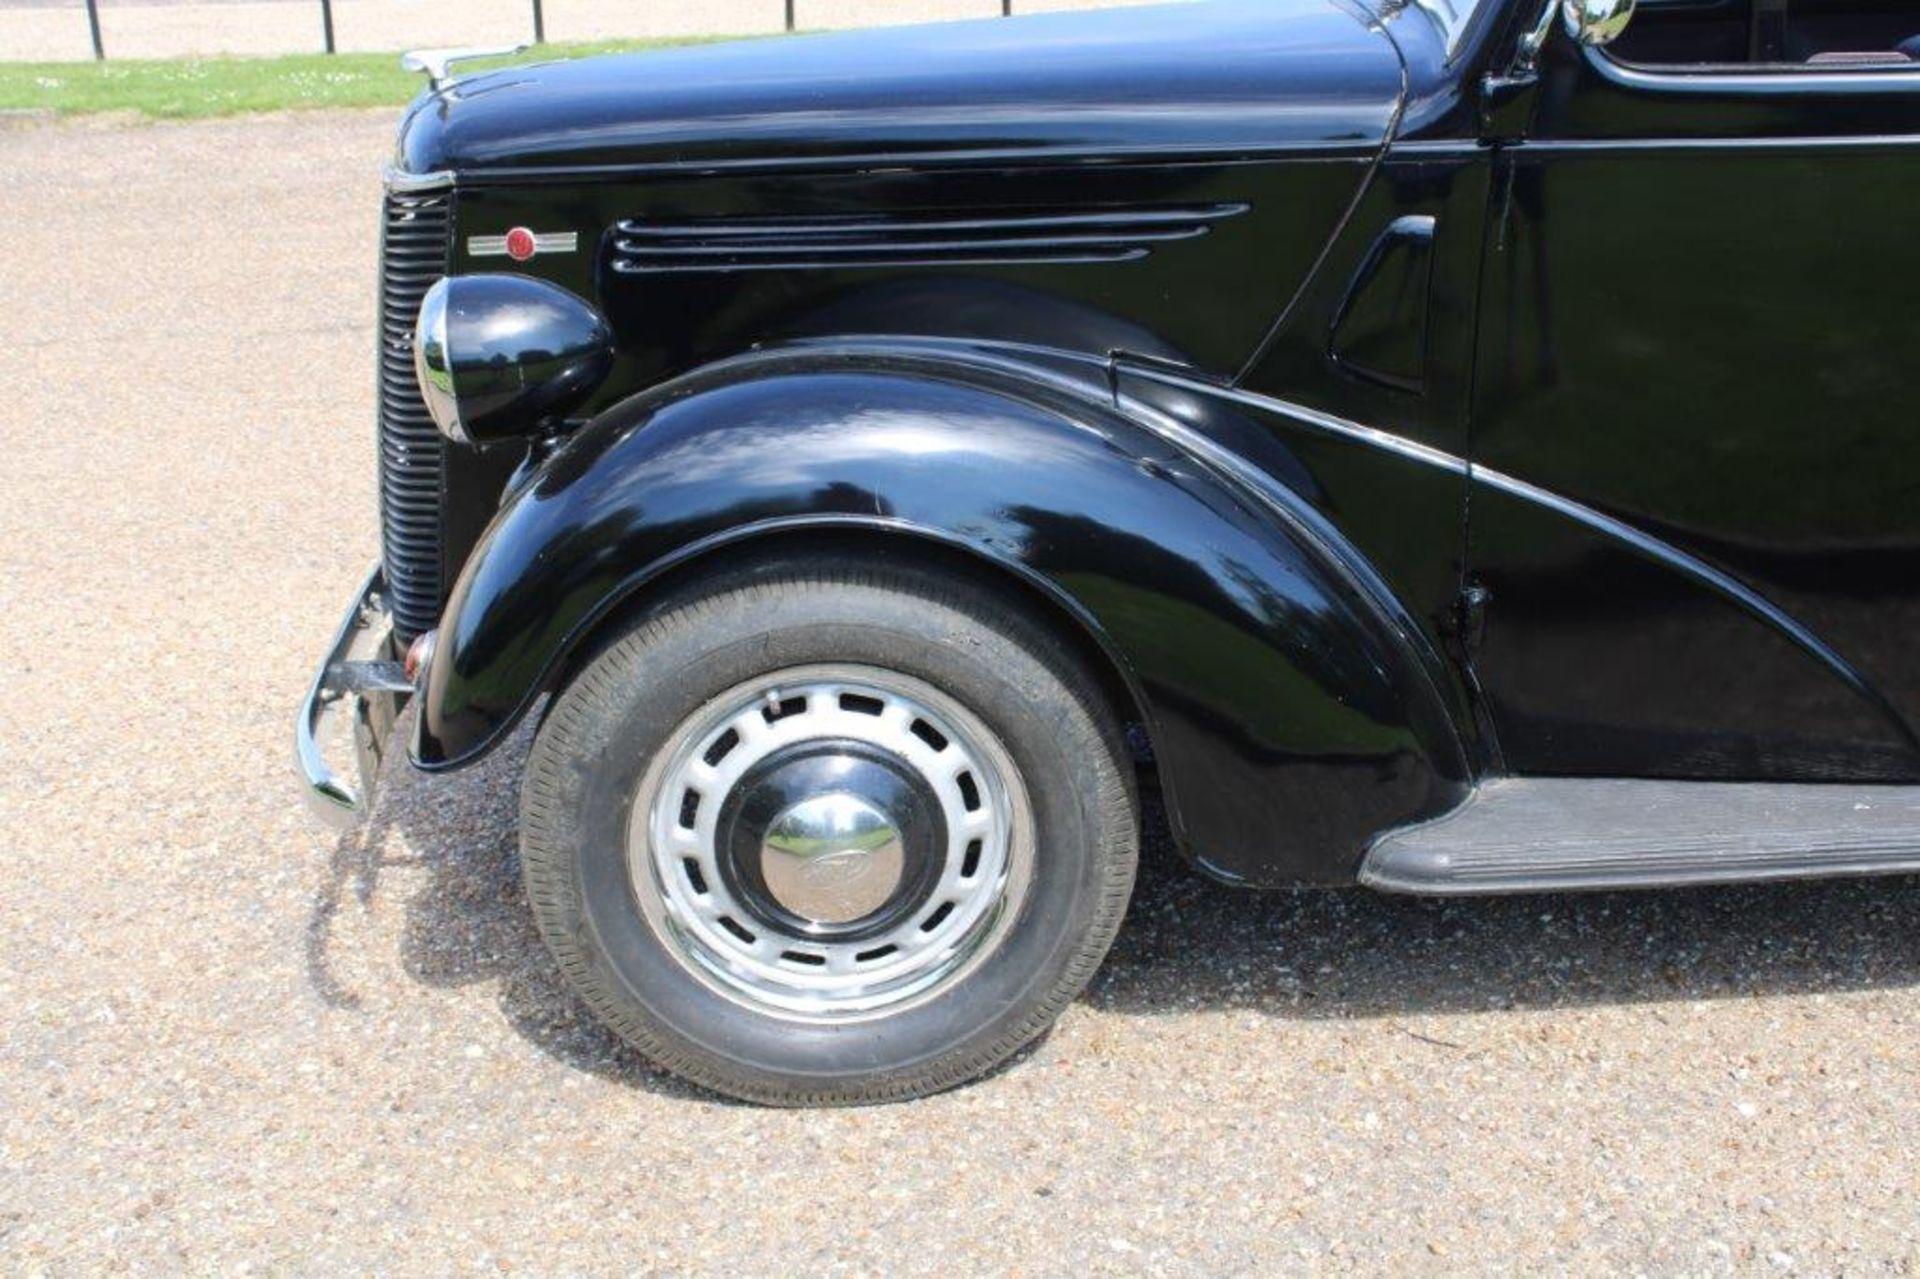 1946 Ford Prefect E93A - Image 4 of 30